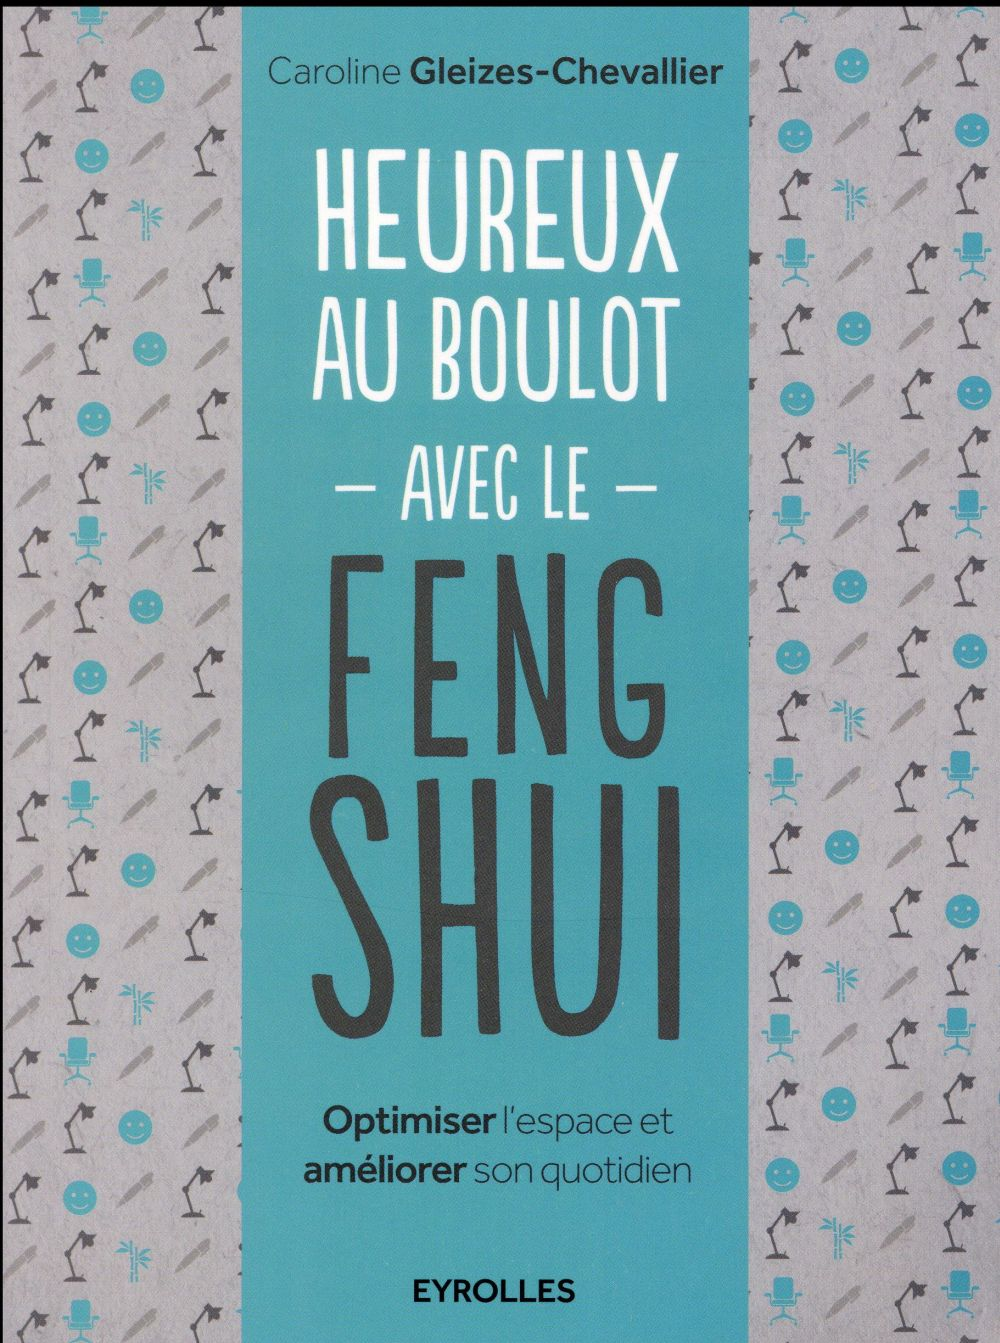 GLEIZES CHEVALL - HEUREUX AU BOULOT AVEC LE FENG SHUI